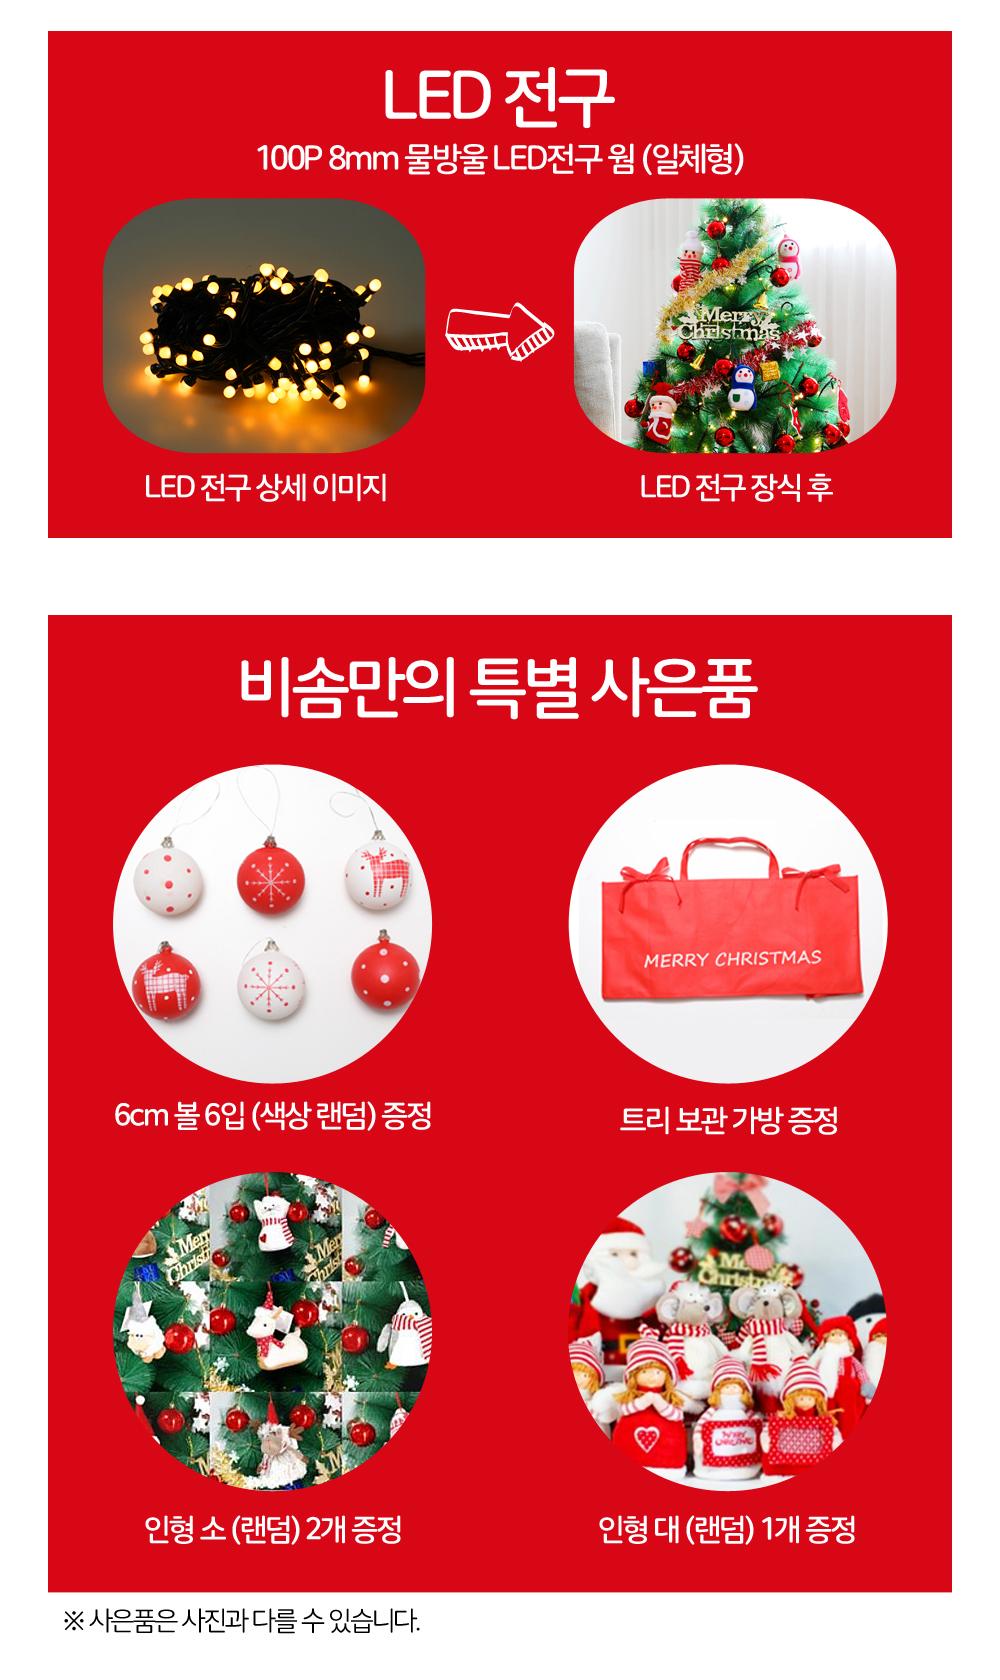 비솜 - 크리스마스 90cm 파인트리 진주볼장식 풀세트 - 비솜, 33,800원, 트리, 트리